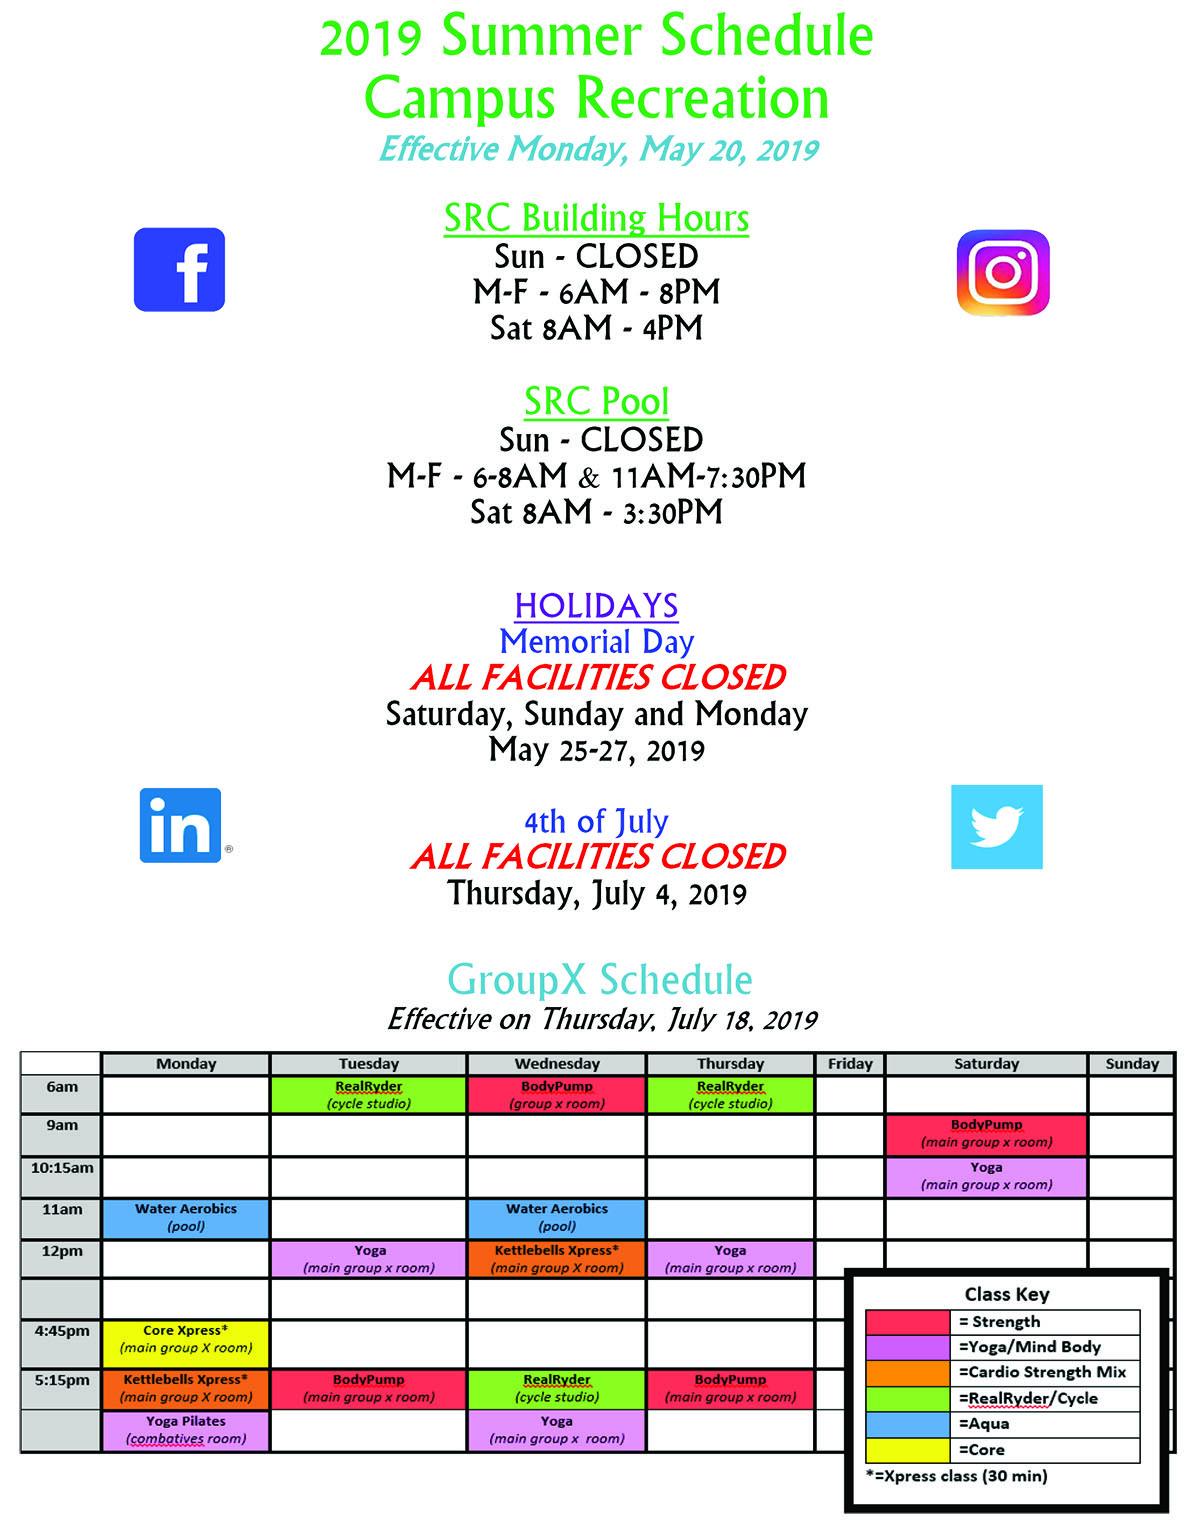 Campus Rec Summer 2019 Schedule Updated 18 July 2019